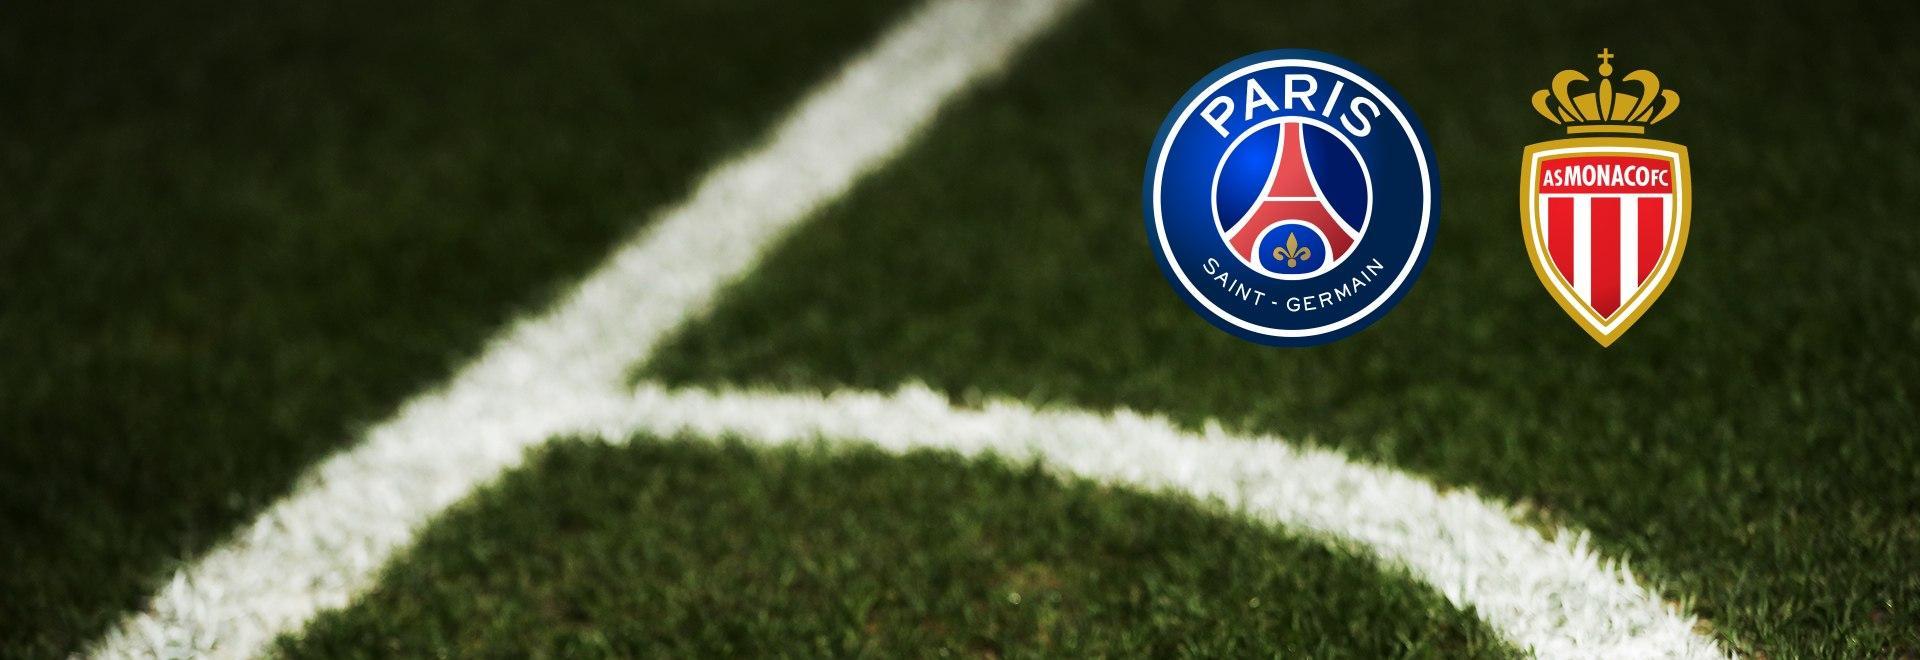 PSG - Monaco. 20a g.